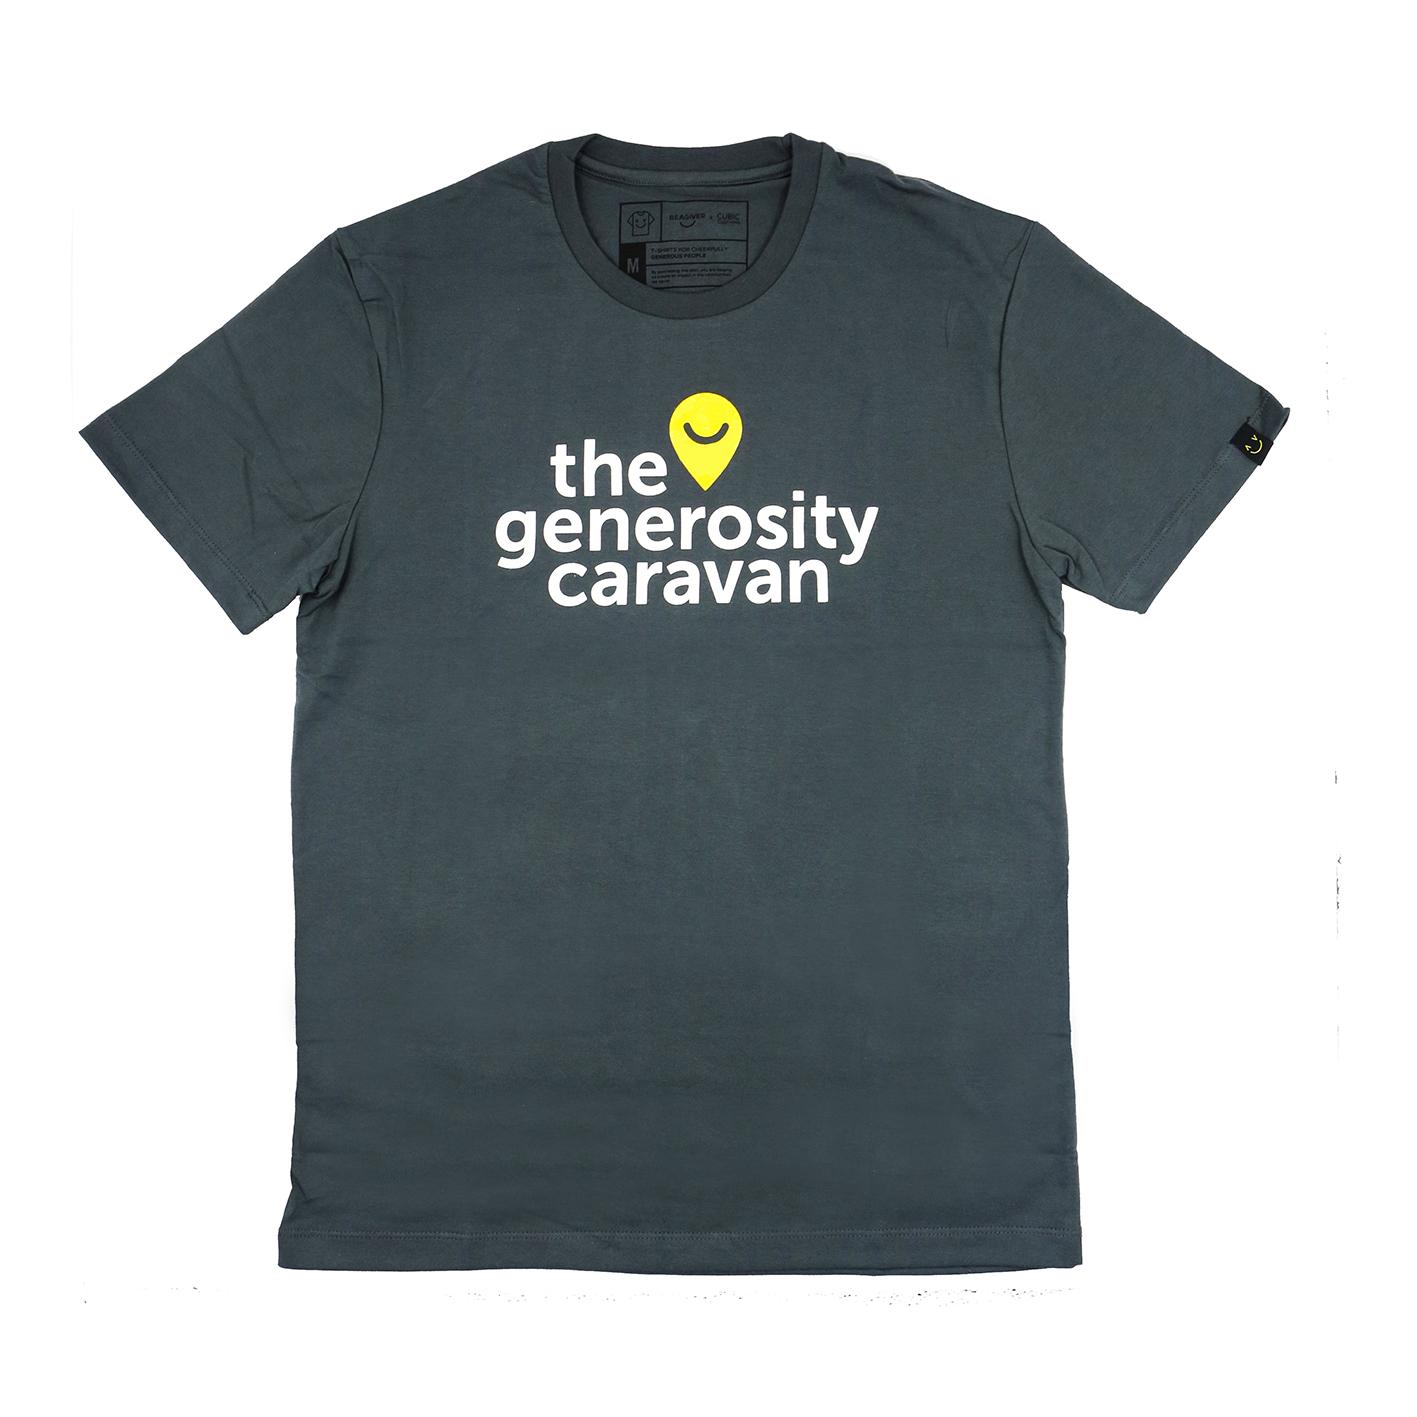 tgc shirt